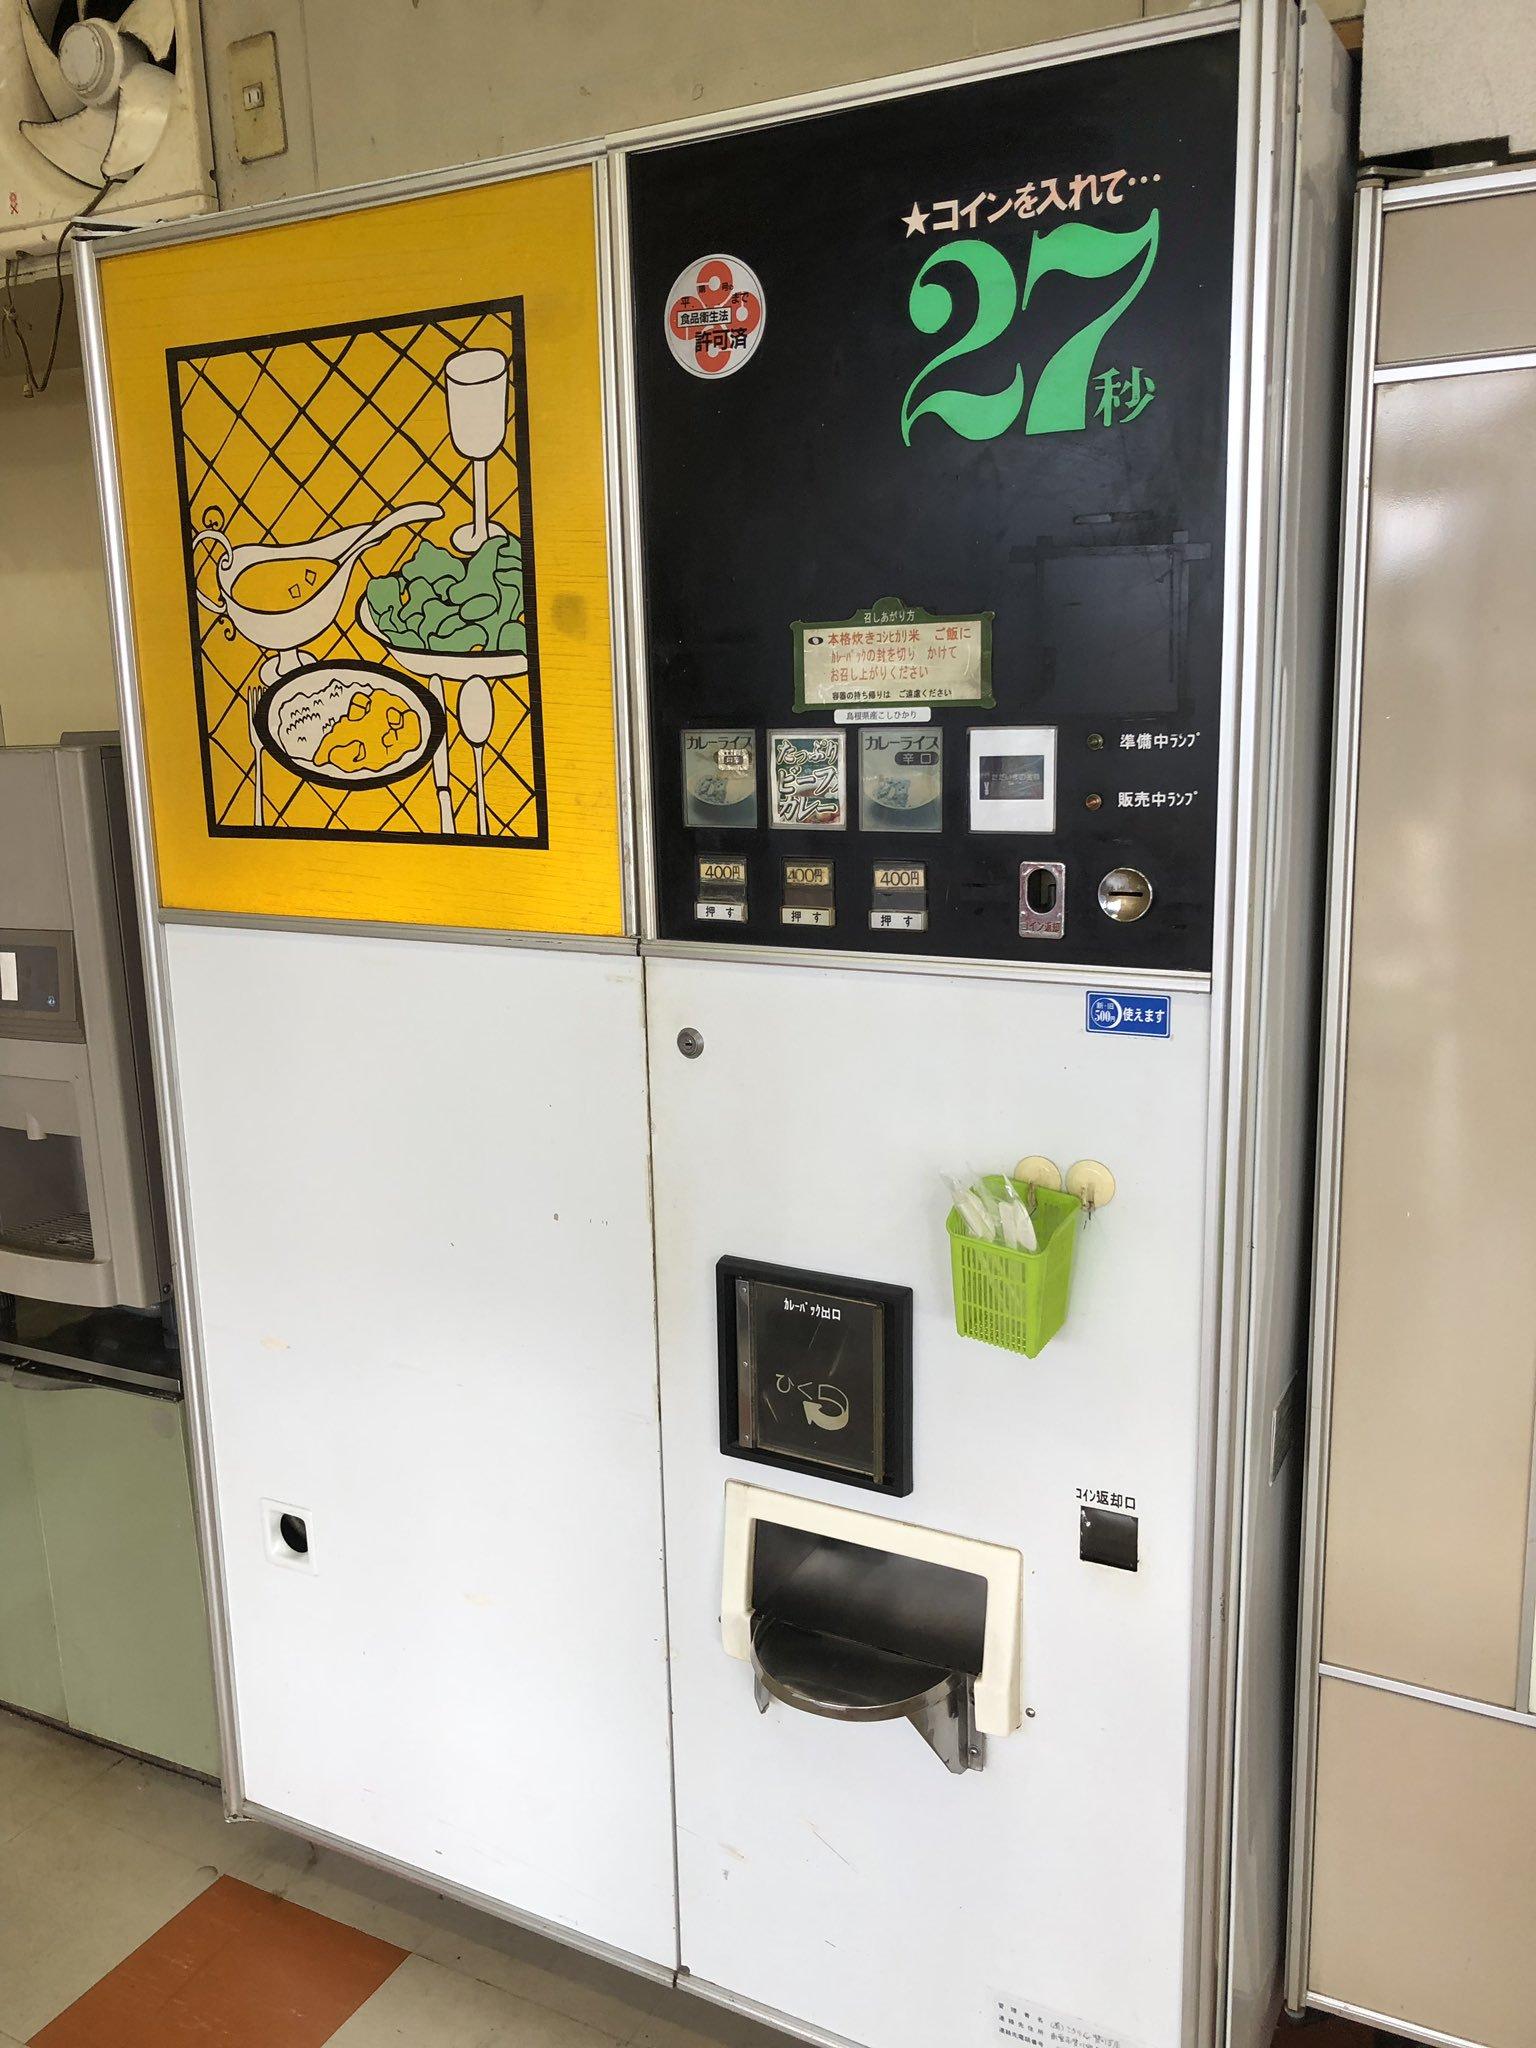 【画像】カレーの自販機400円wwwwwwwwwwwwww